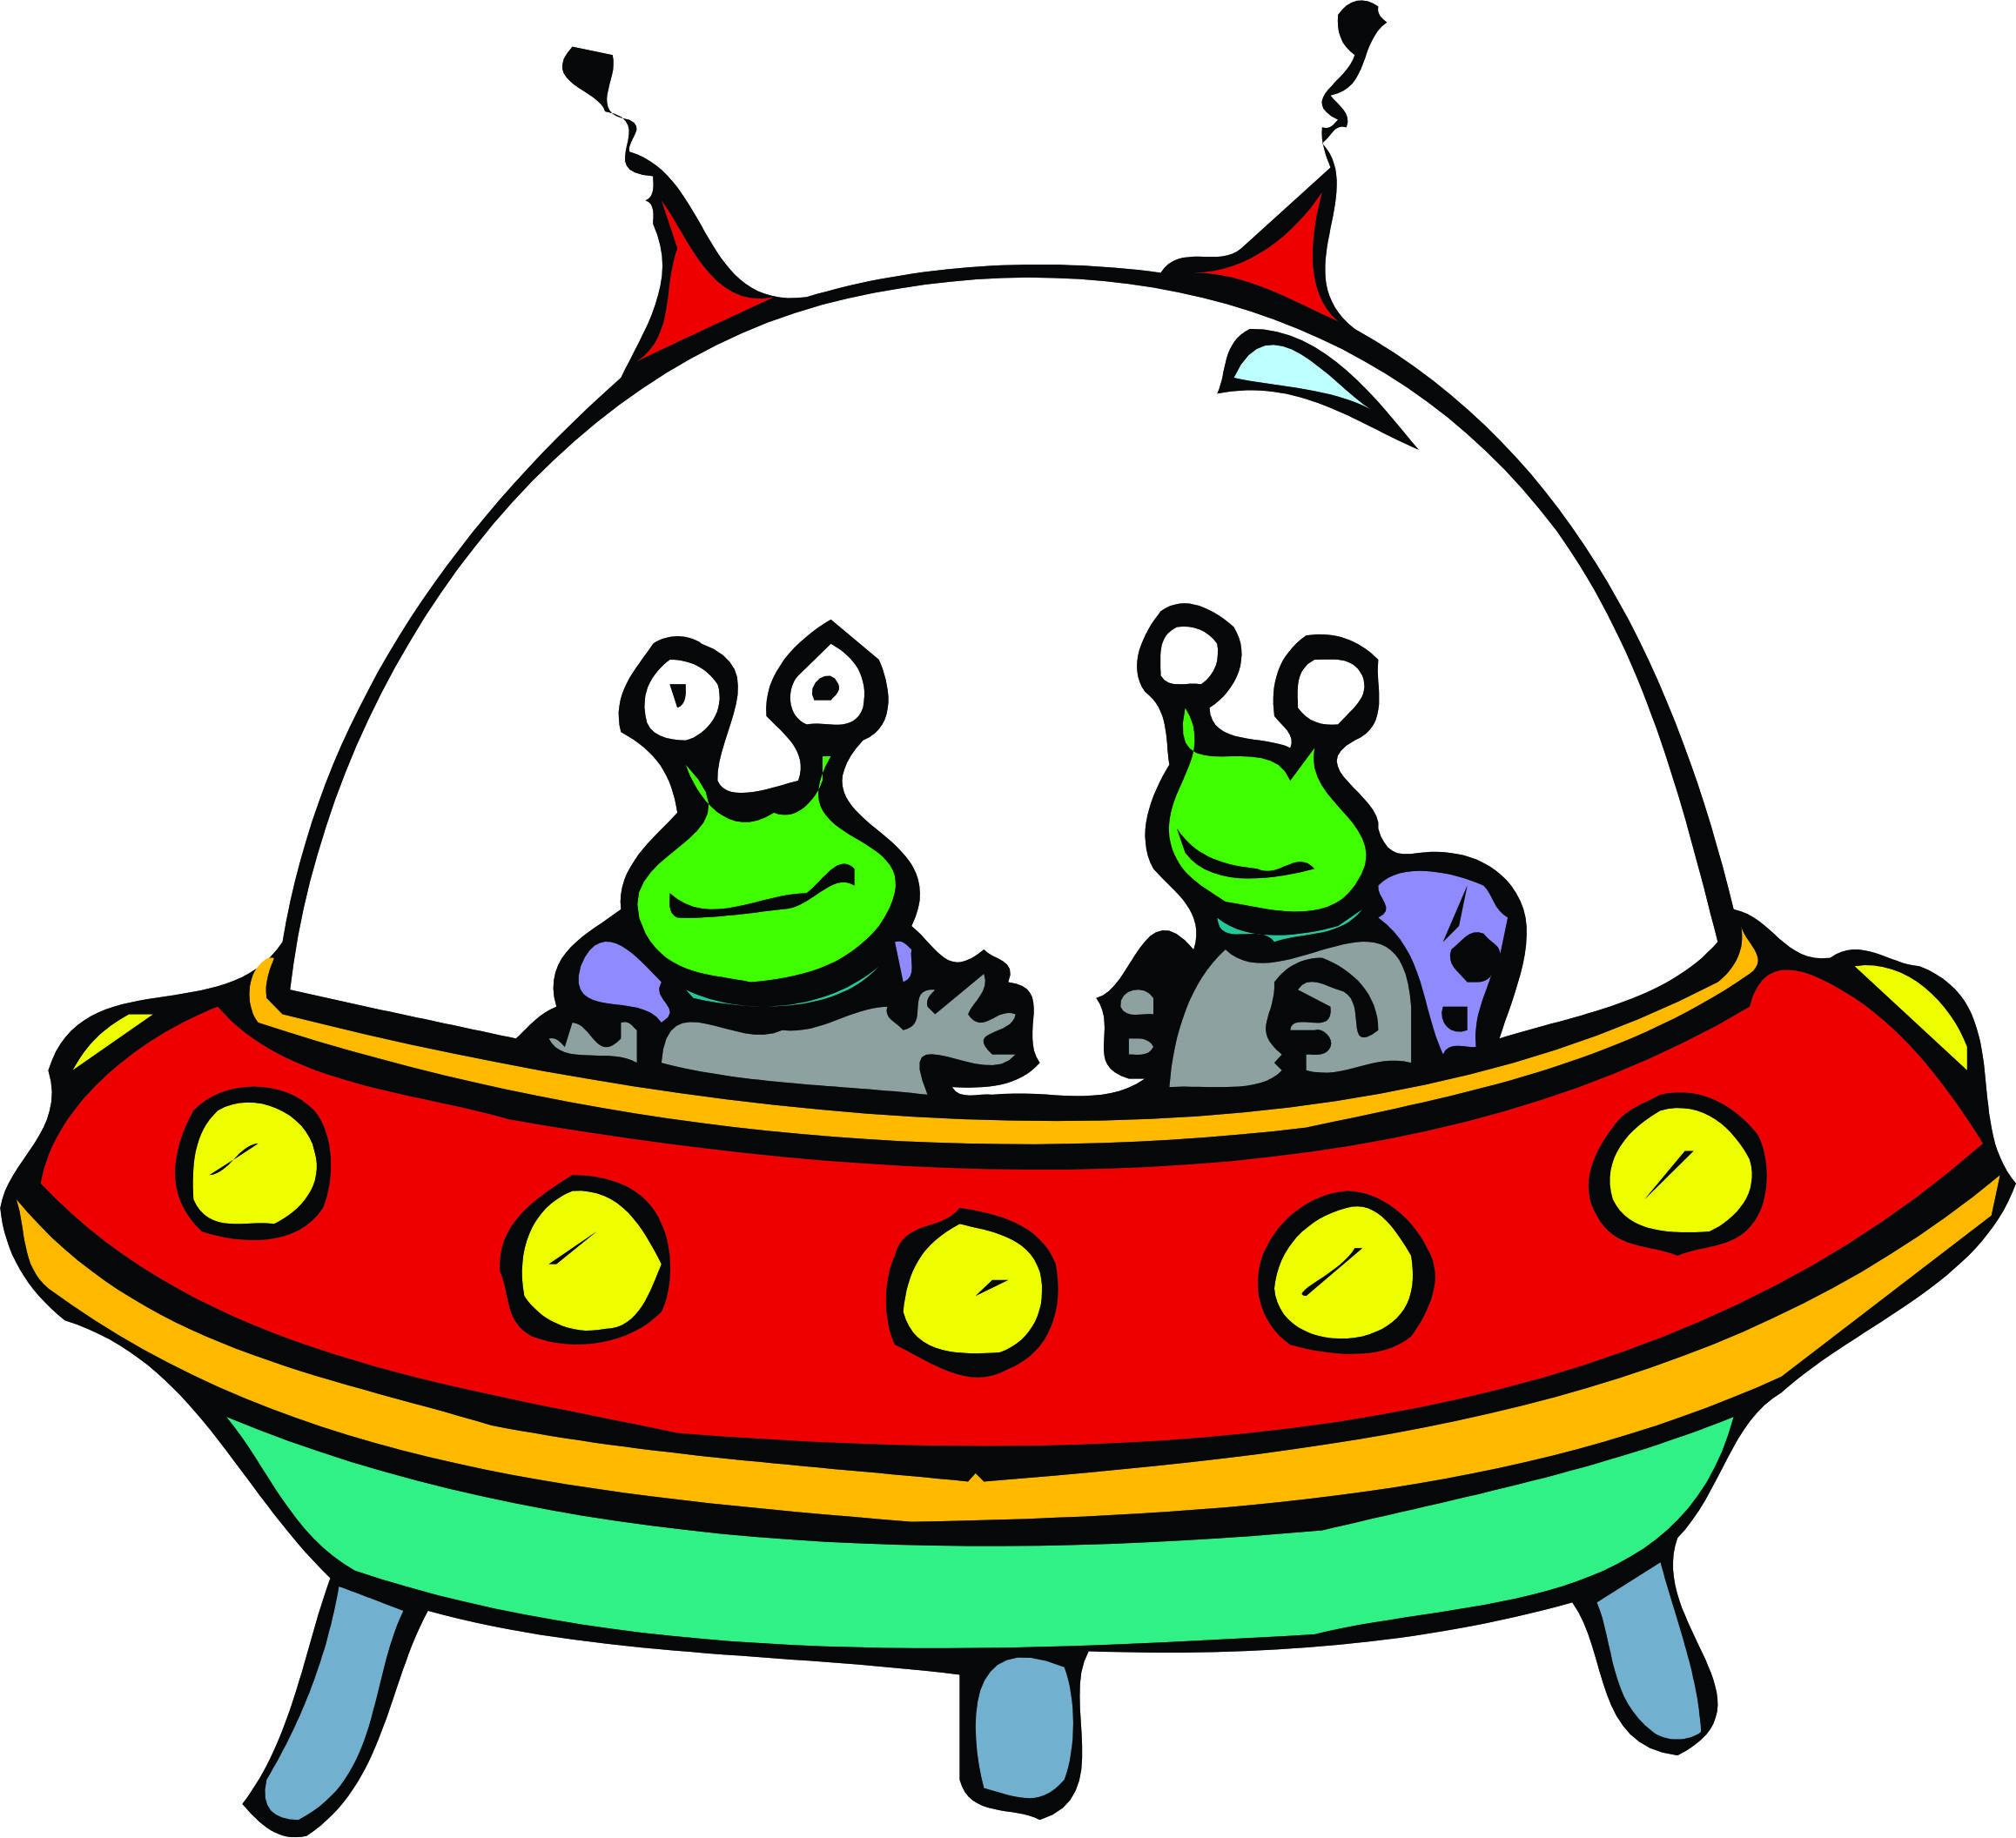 Space shuttle cartoon clipart